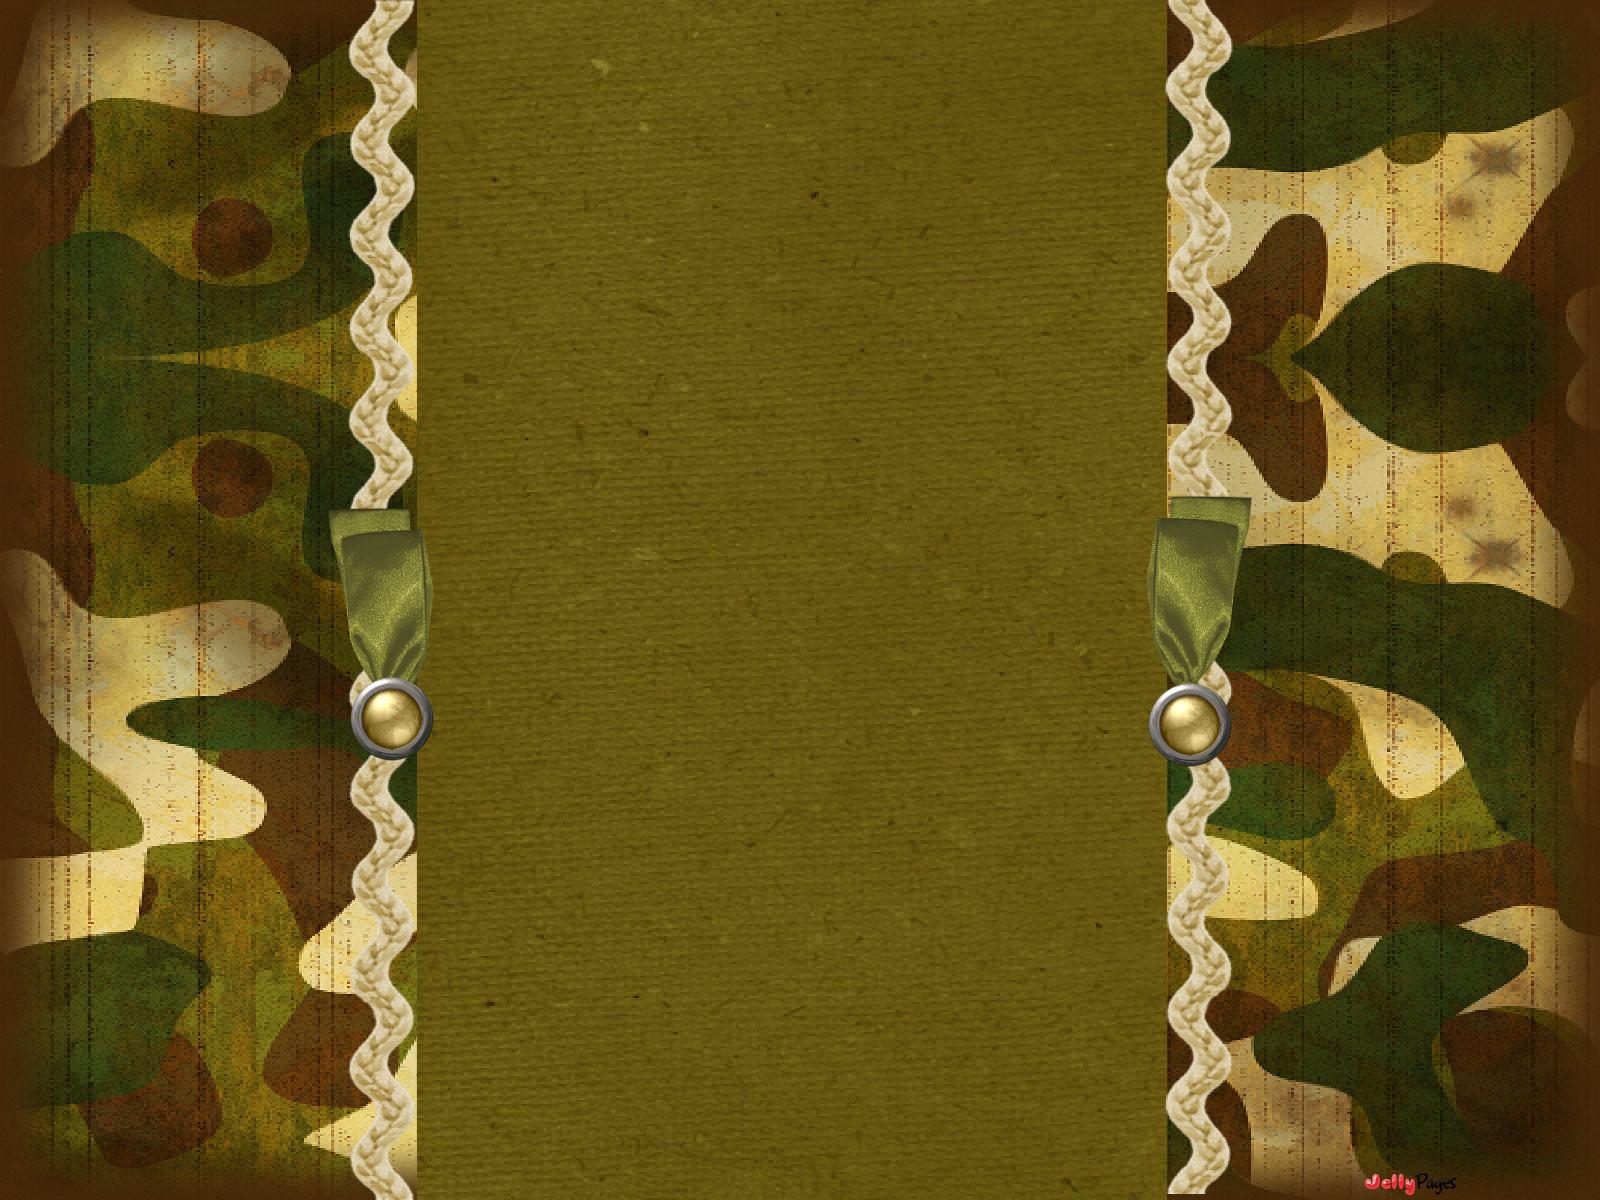 Для сестры, открытки на армейскую тему